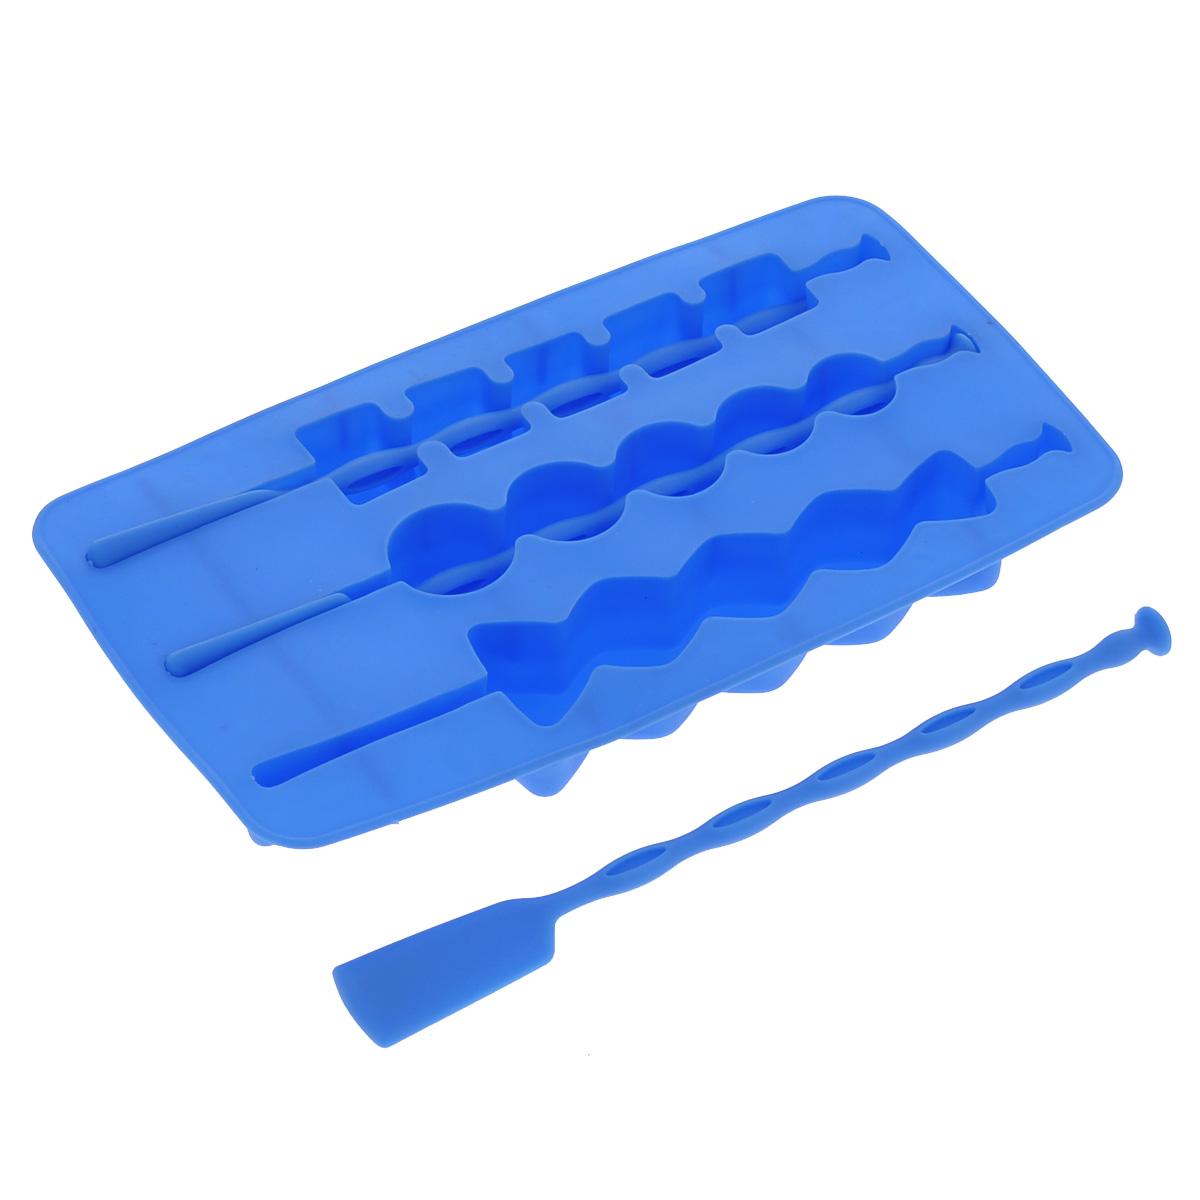 Форма для льда Fackelmann, на палочке, цвет: синий, 3 ячейкиVT-1520(SR)Форма Fackelmann выполнена из силикона и предназначена для приготовления льда на палочке. В комплект входят палочки для льда. Теперь на смену традиционным квадратным пришли новые оригинальные формы для приготовления фигурного льда, которыми можно не только охладить, но и украсить любой напиток. В формочки при заморозке воды можно помещать ягодки, такие льдинки не только оживят коктейль, но и добавят радостного настроения гостям на празднике!Можно мыть в посудомоечной машине.Размер формы: 20 х 11 х 2 см. Средний размер ячейки: 18,5 х 2,5 х 2 см. Количество ячеек: 3 шт. Количество палочек: 3 шт.